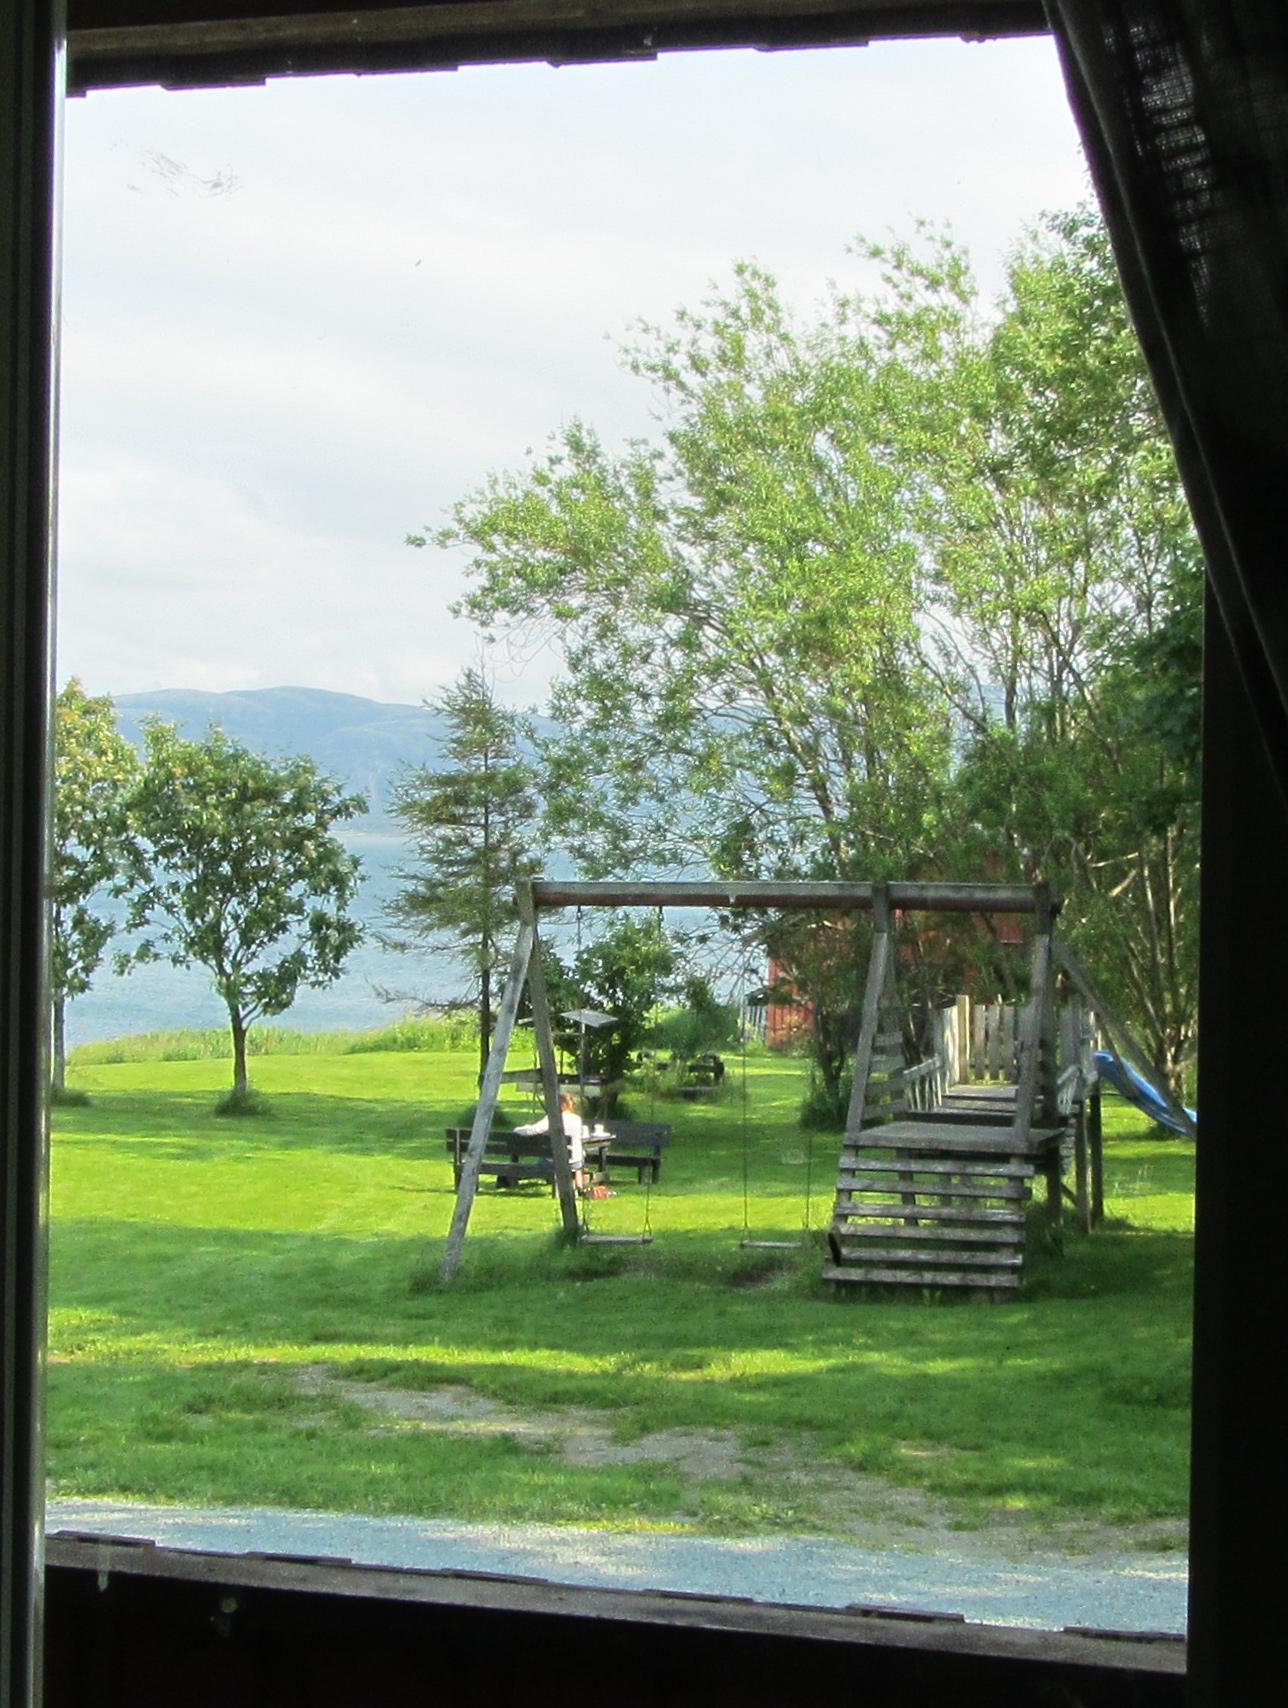 Utsikten fra kjøkkenvinduet i utleieleiligheten på Austrått Camping og Motel